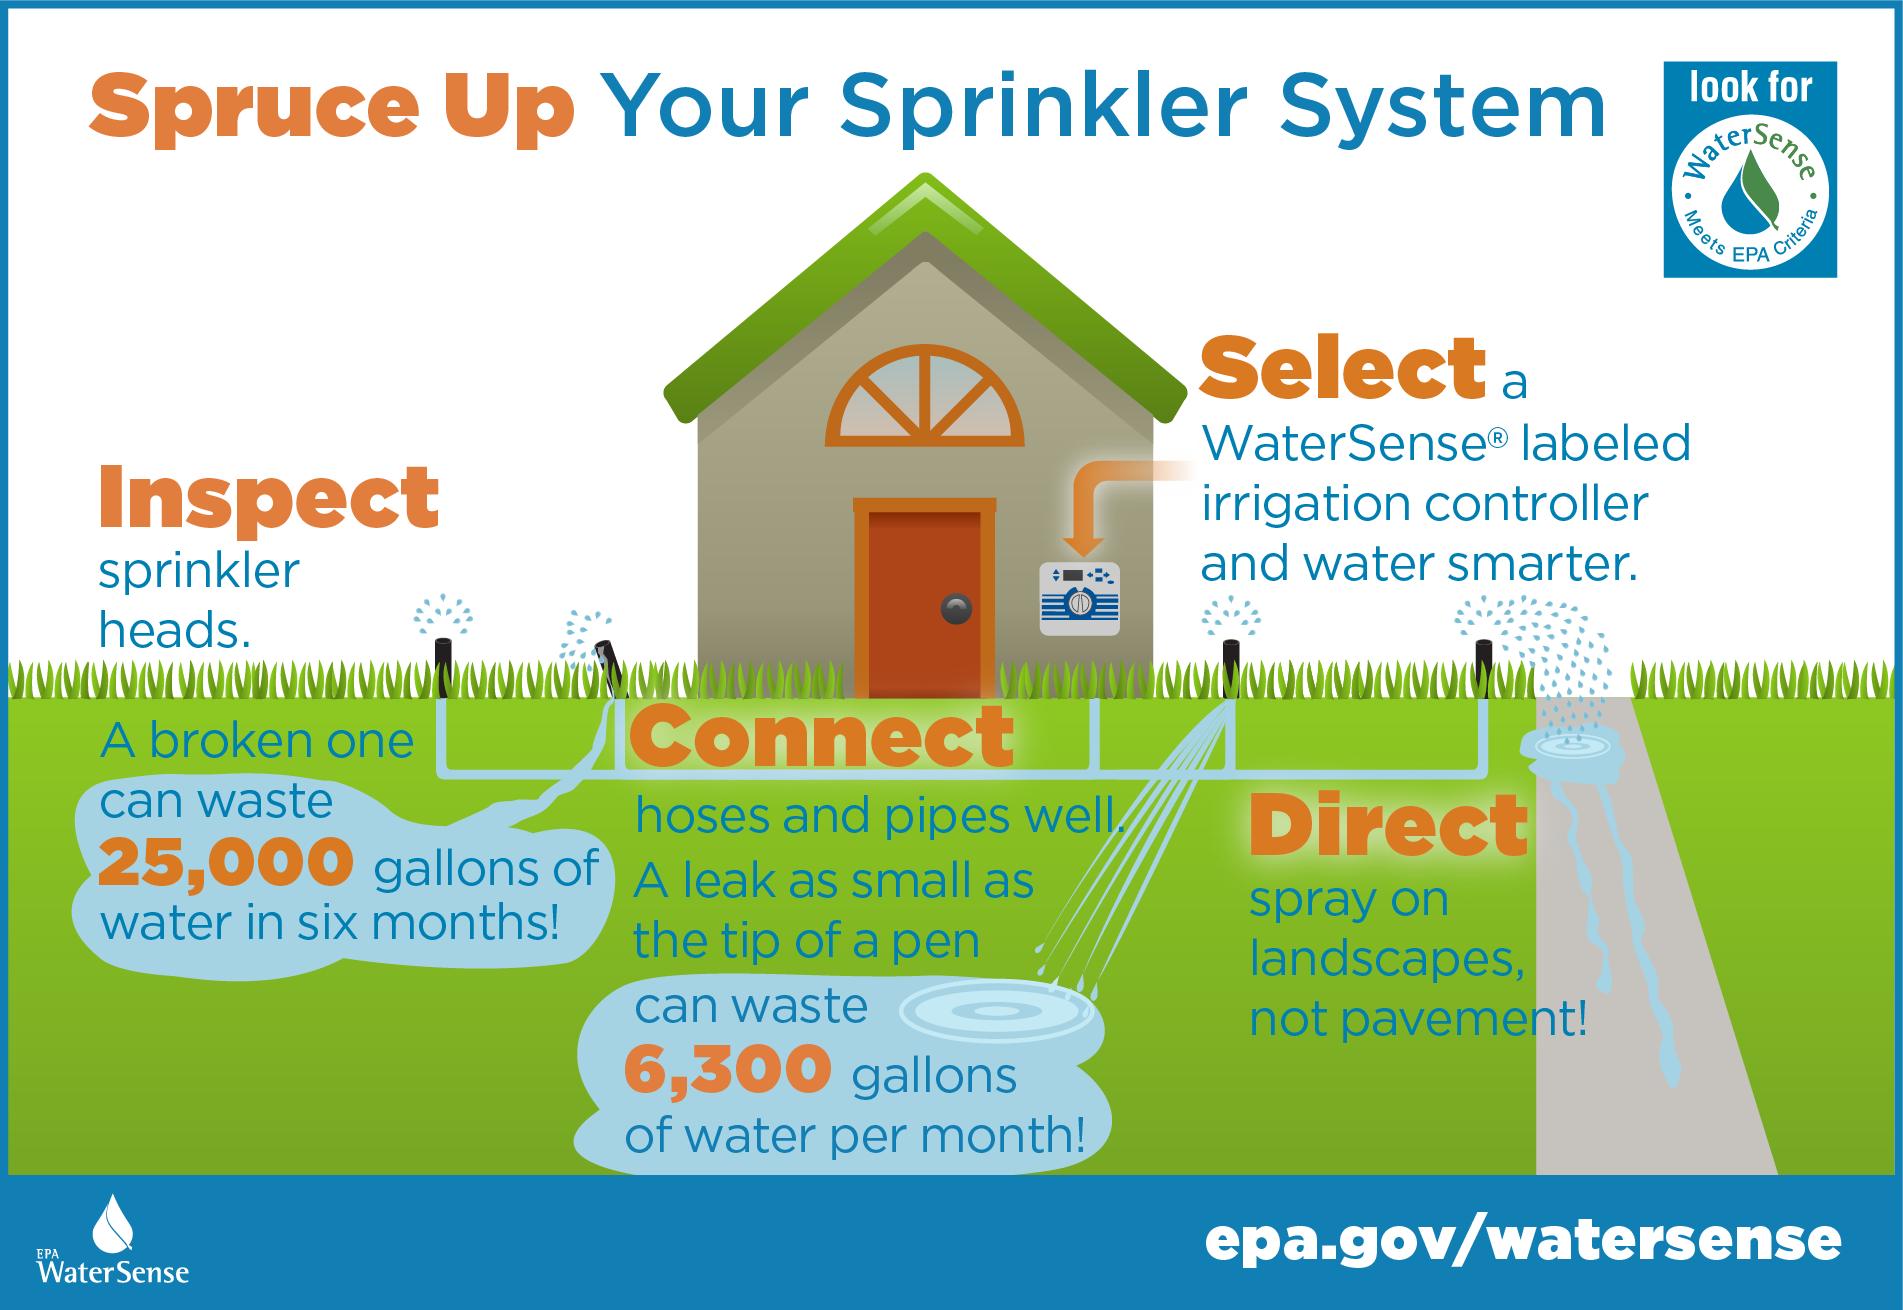 PCWA Smart Water Use